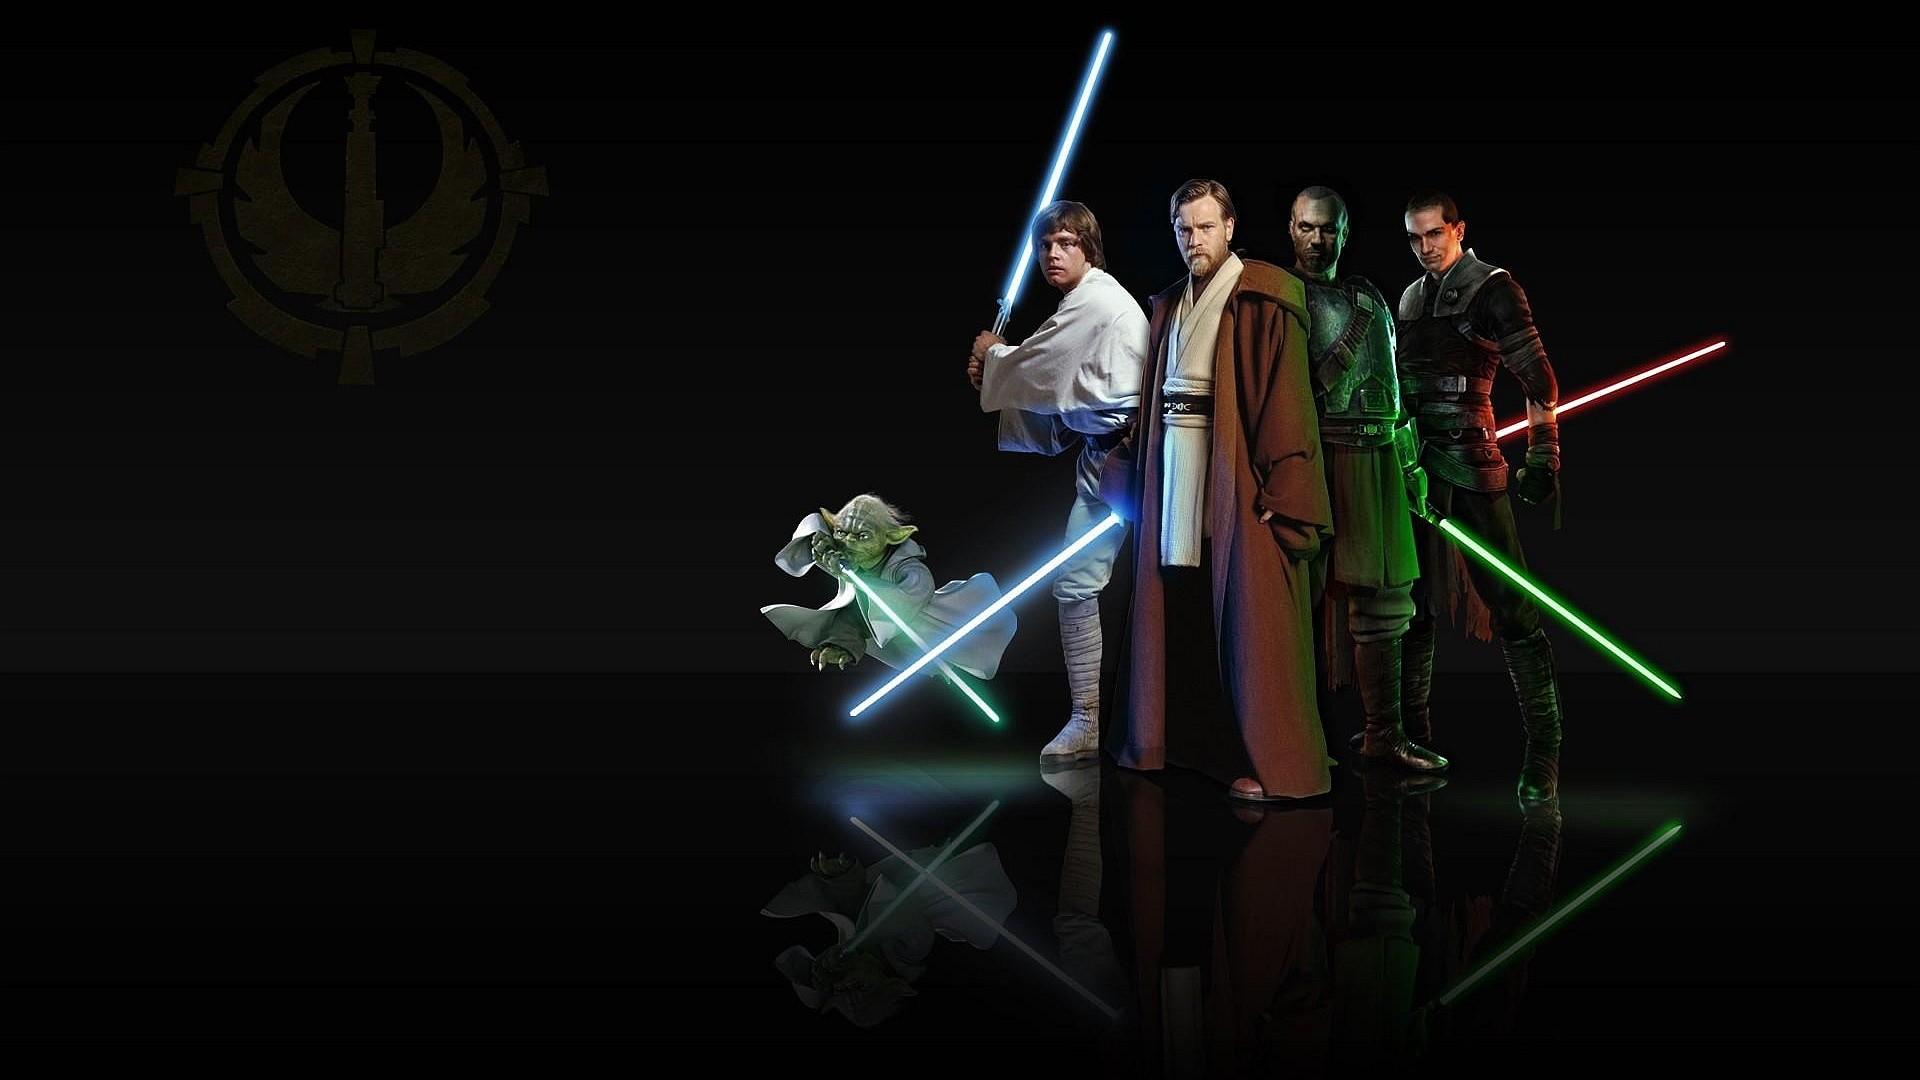 Star Wars Jedi Wallpaper HD – WallpaperSafari